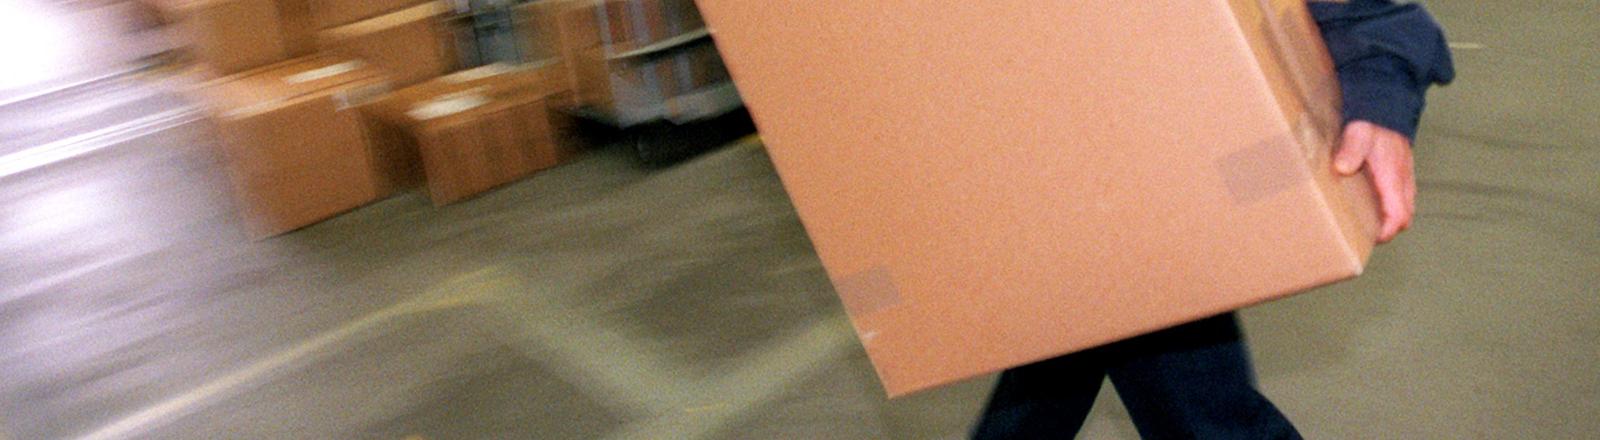 Paketbote, von dem man fast nichts sieht, weil er ein großes Paket trägt